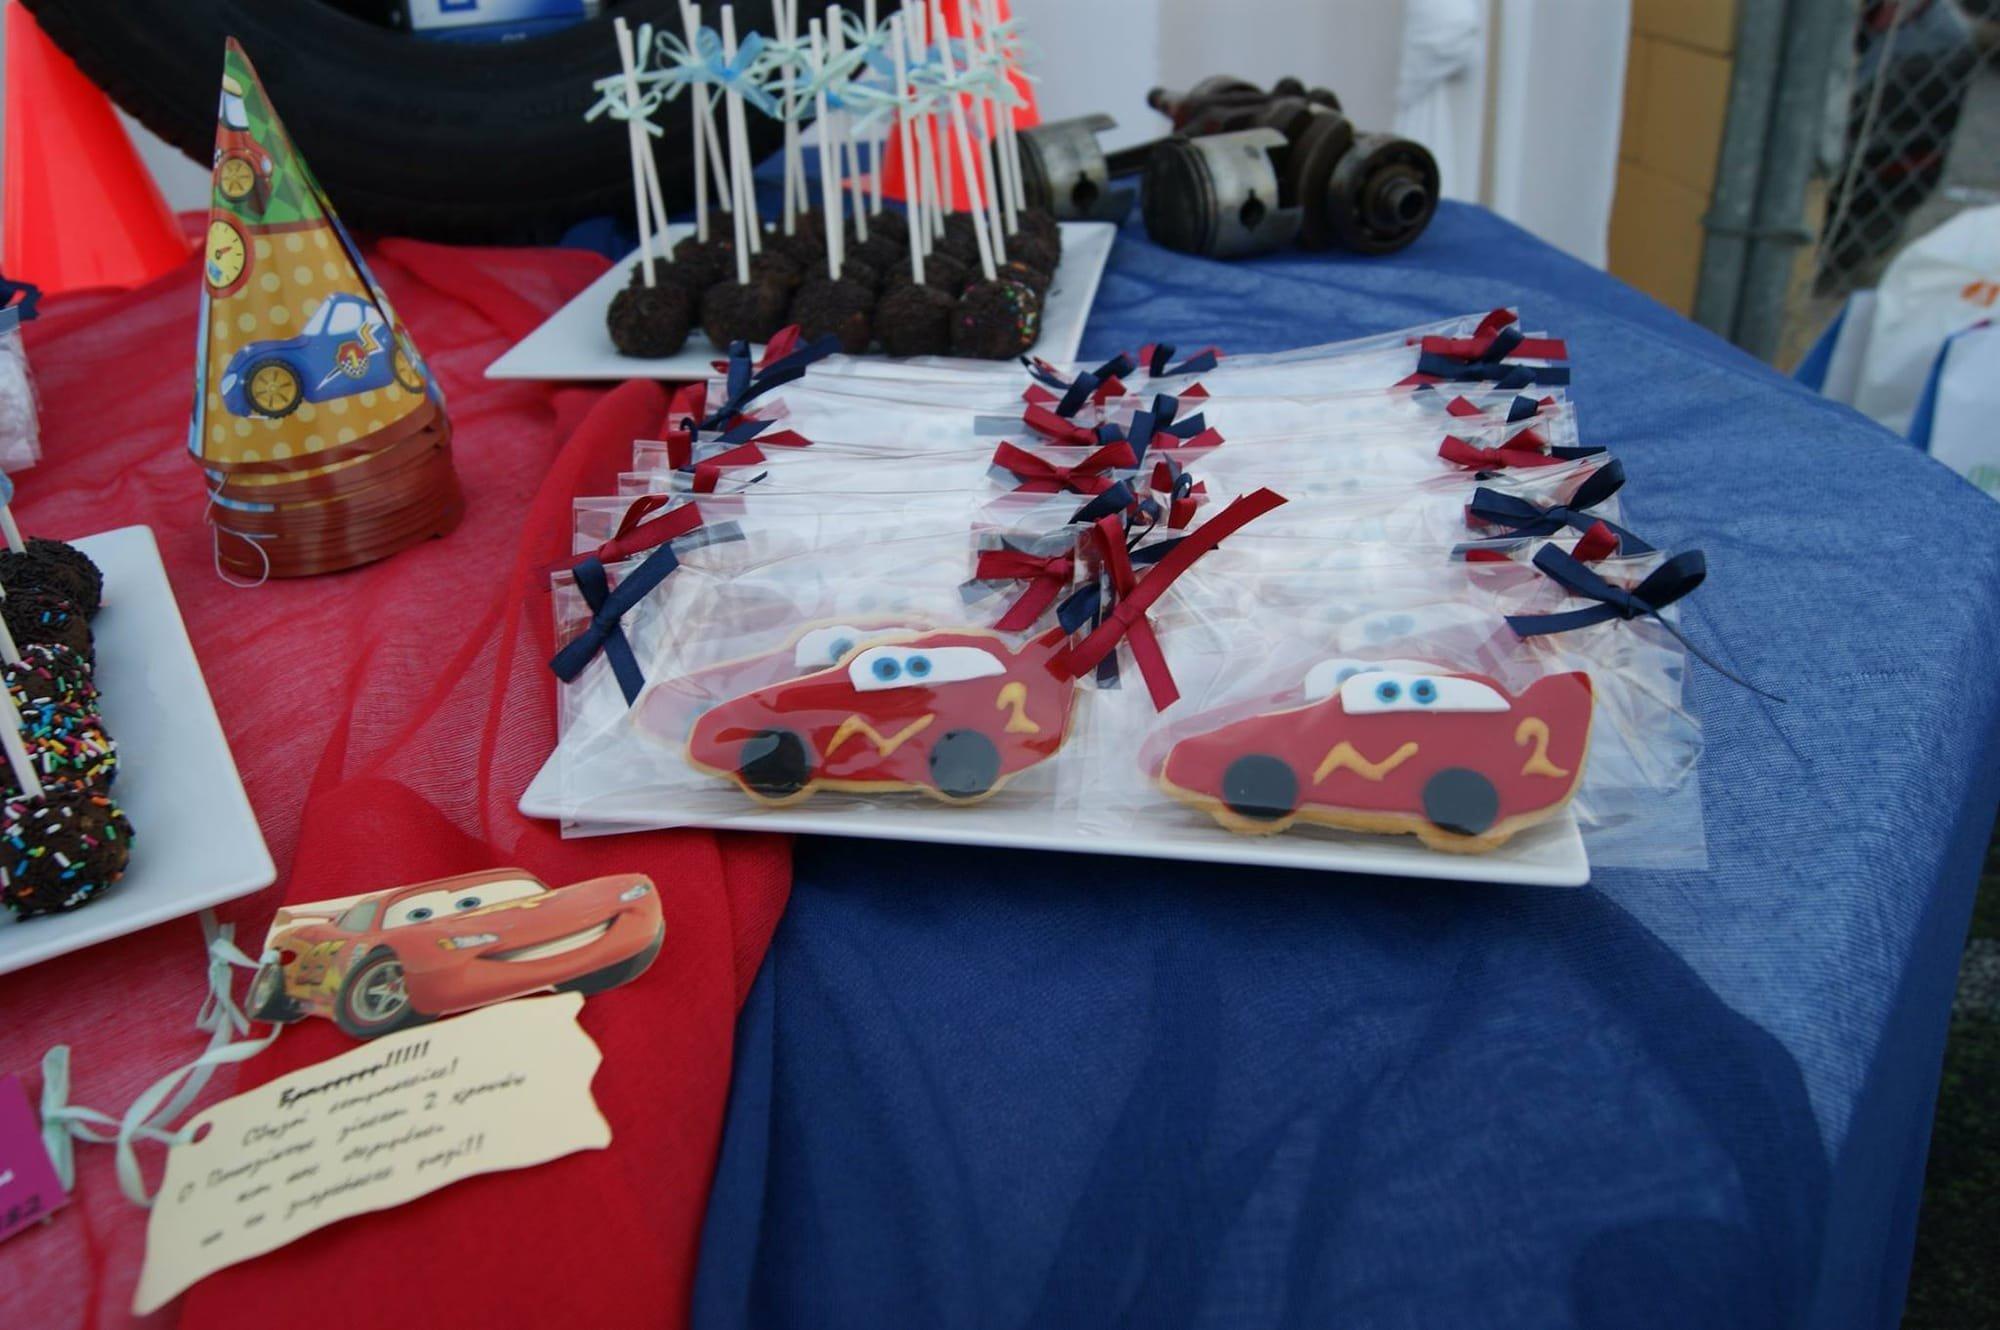 μπουφέ βάπτισης cars mcqueen, Ζαχαροπλαστειο καλαματα madame charlotte, birthday baptism theme cakes and cookies kalamata, madamecharlotte.gr, τούρτες γεννεθλίων γάμου βάπτισης παιδικές θεματικές